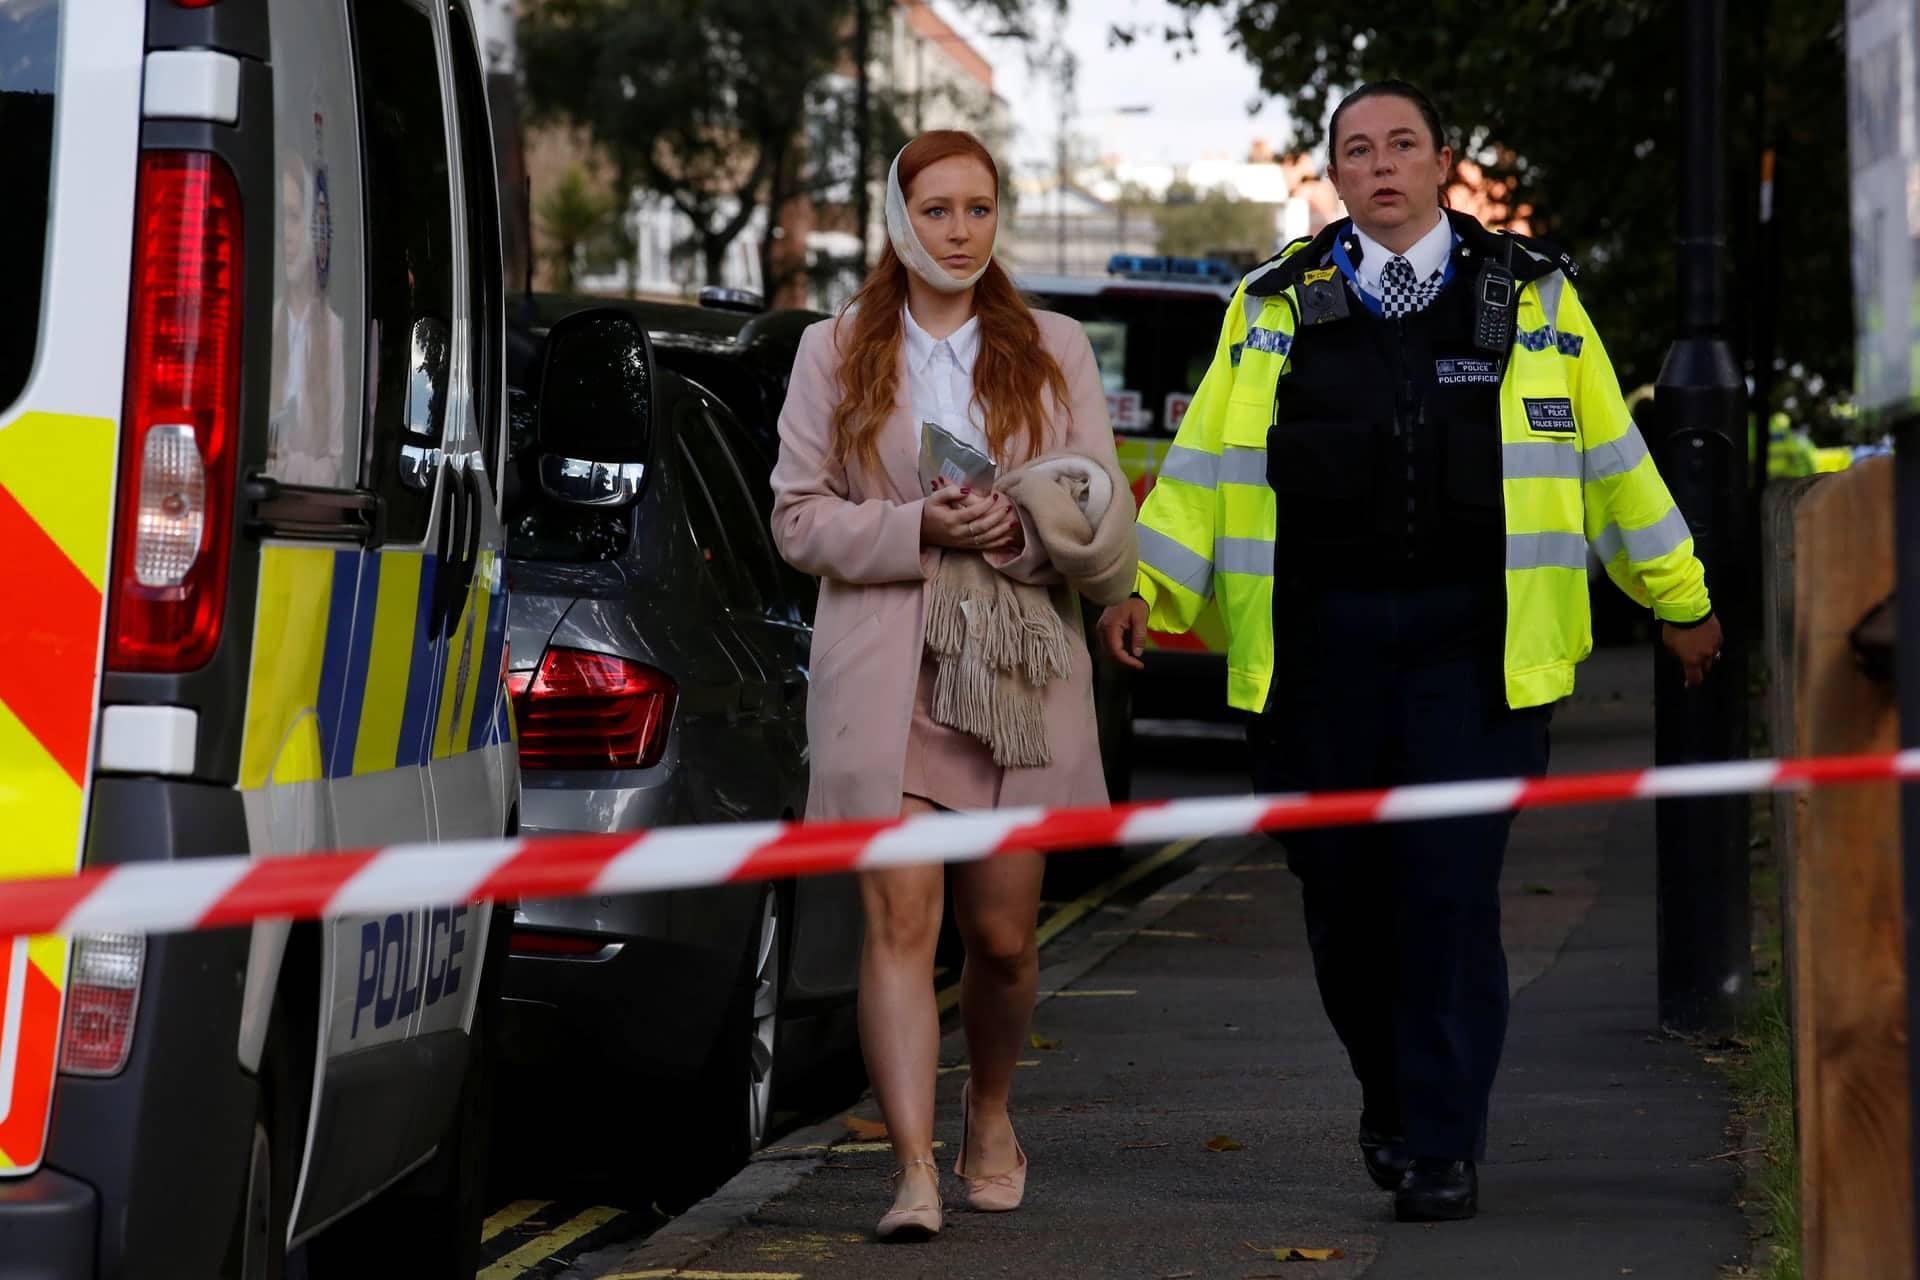 Una donna ferita nell'attentato di Parsons Green a Londra